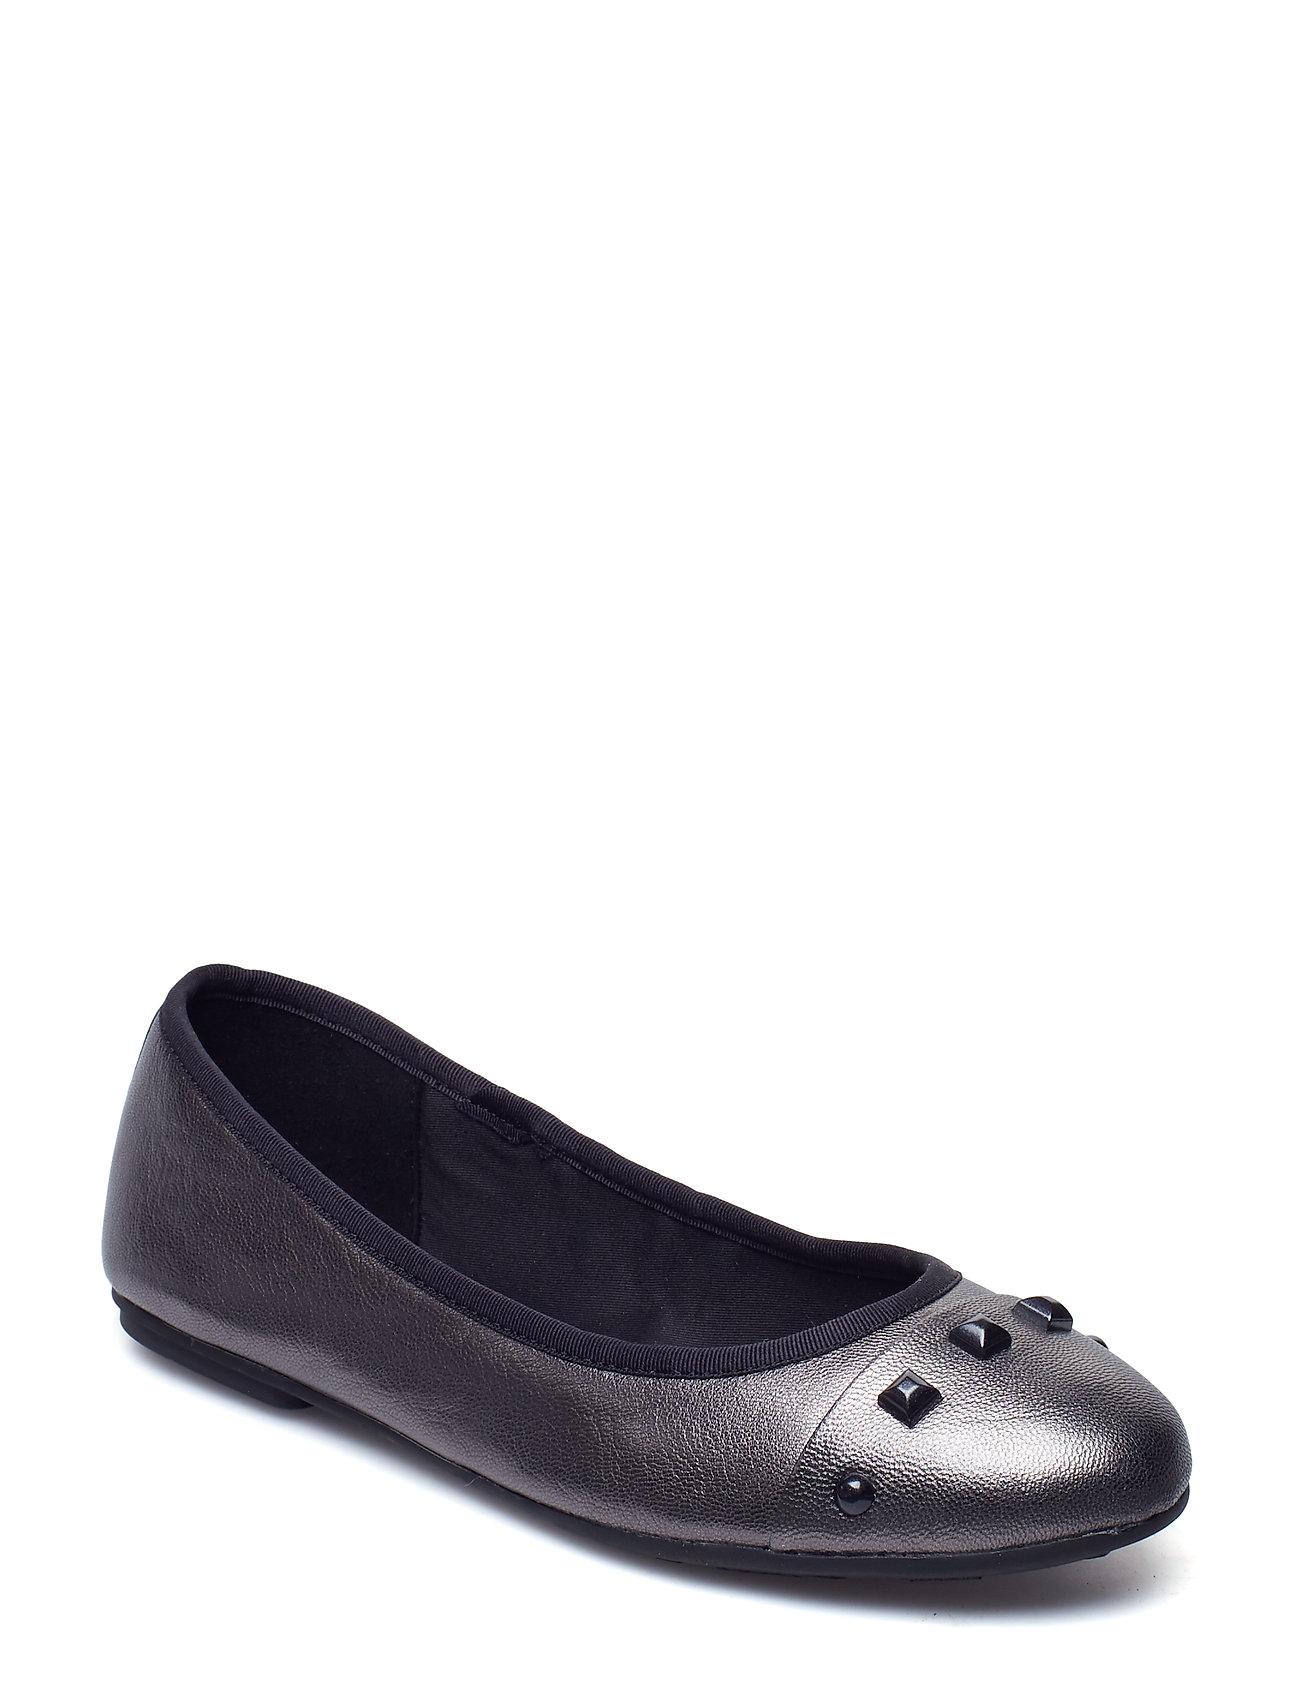 ae744149fd6 Katy 13z ballerina sko fra Tommy Hilfiger til dame i Sort - Pashion.dk